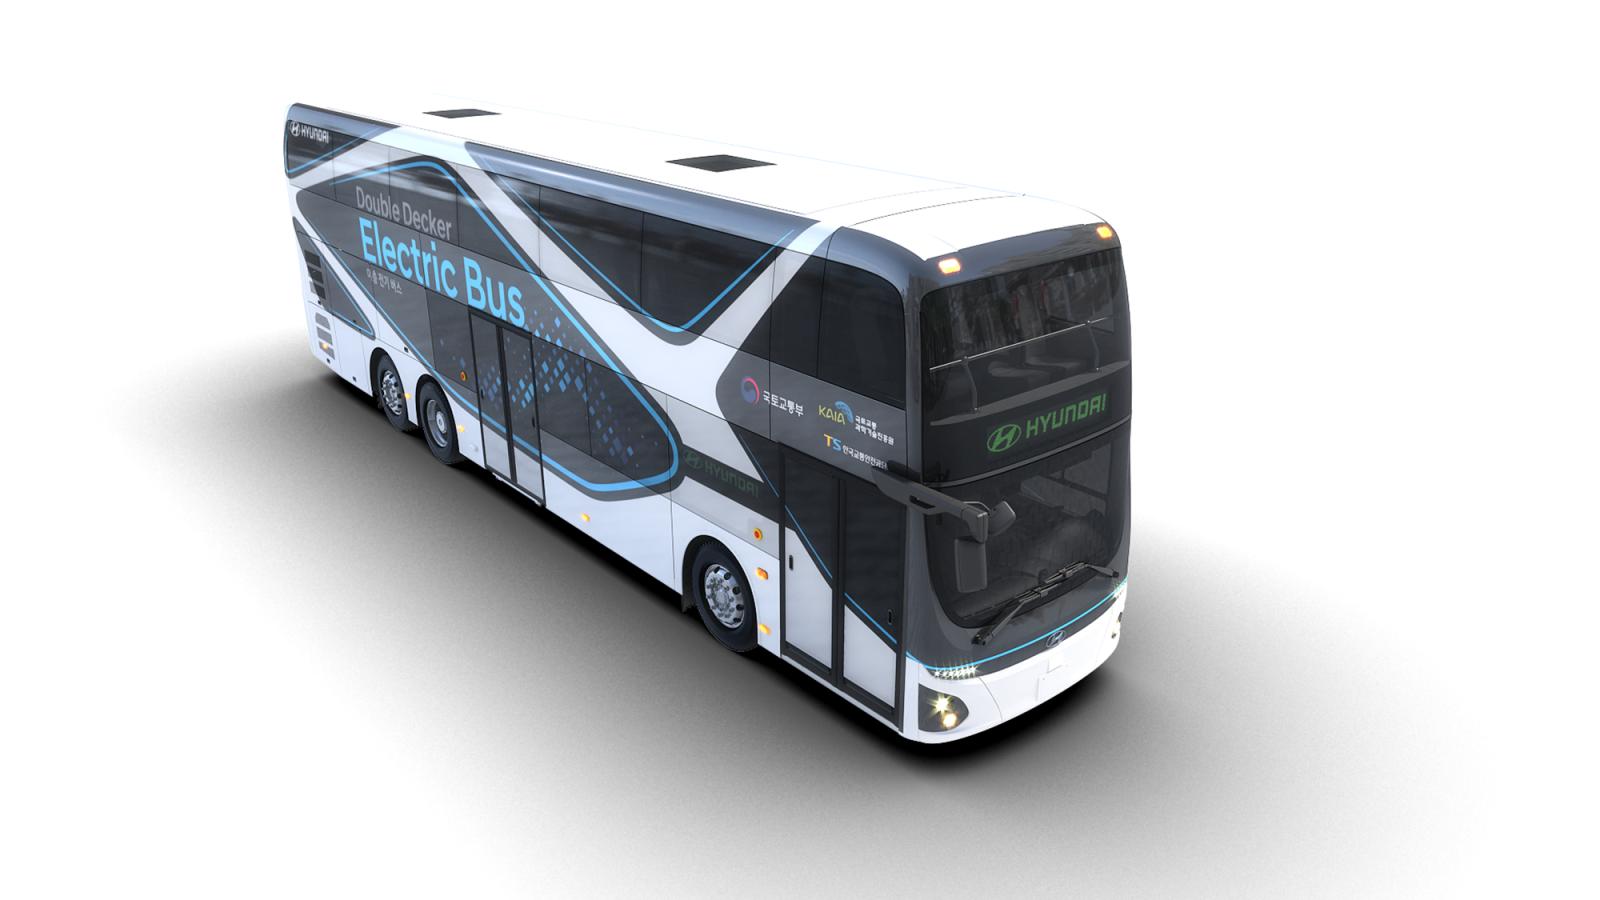 Hyundai представила электрический двухэтажный автобус